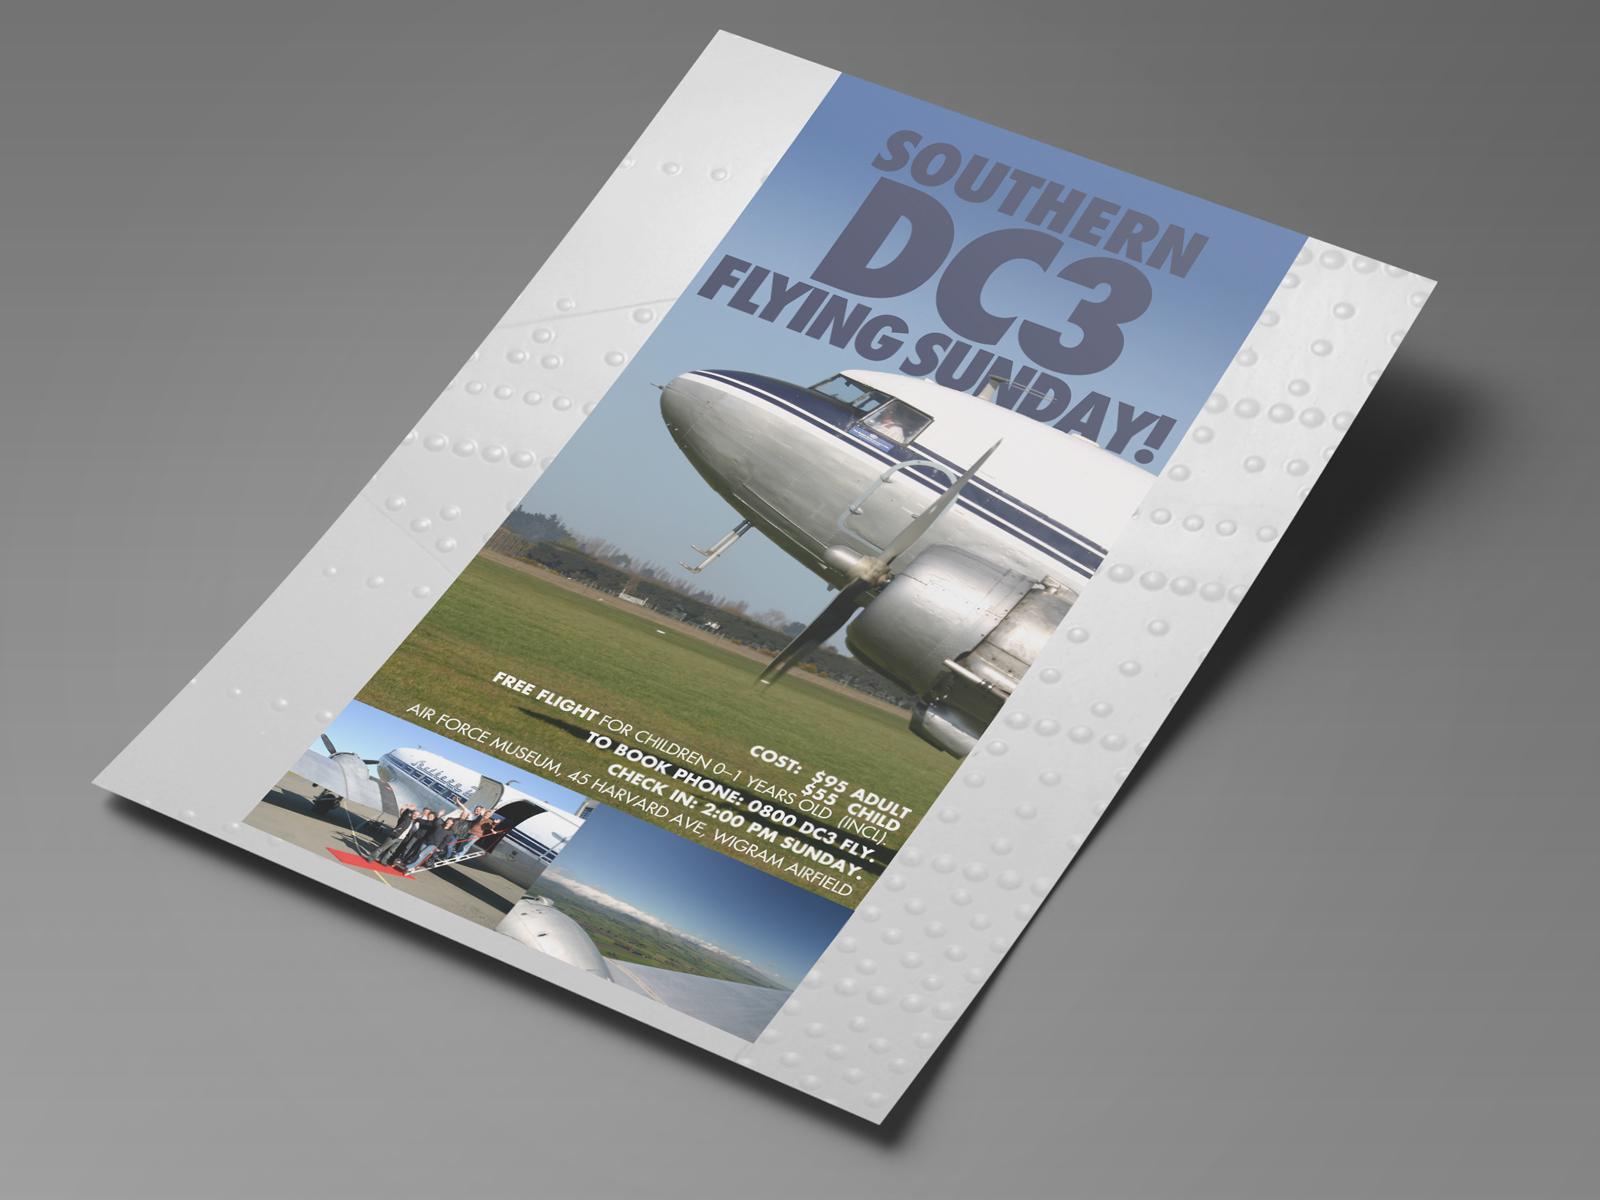 Southern DC3 flying sunday A5 flyer.